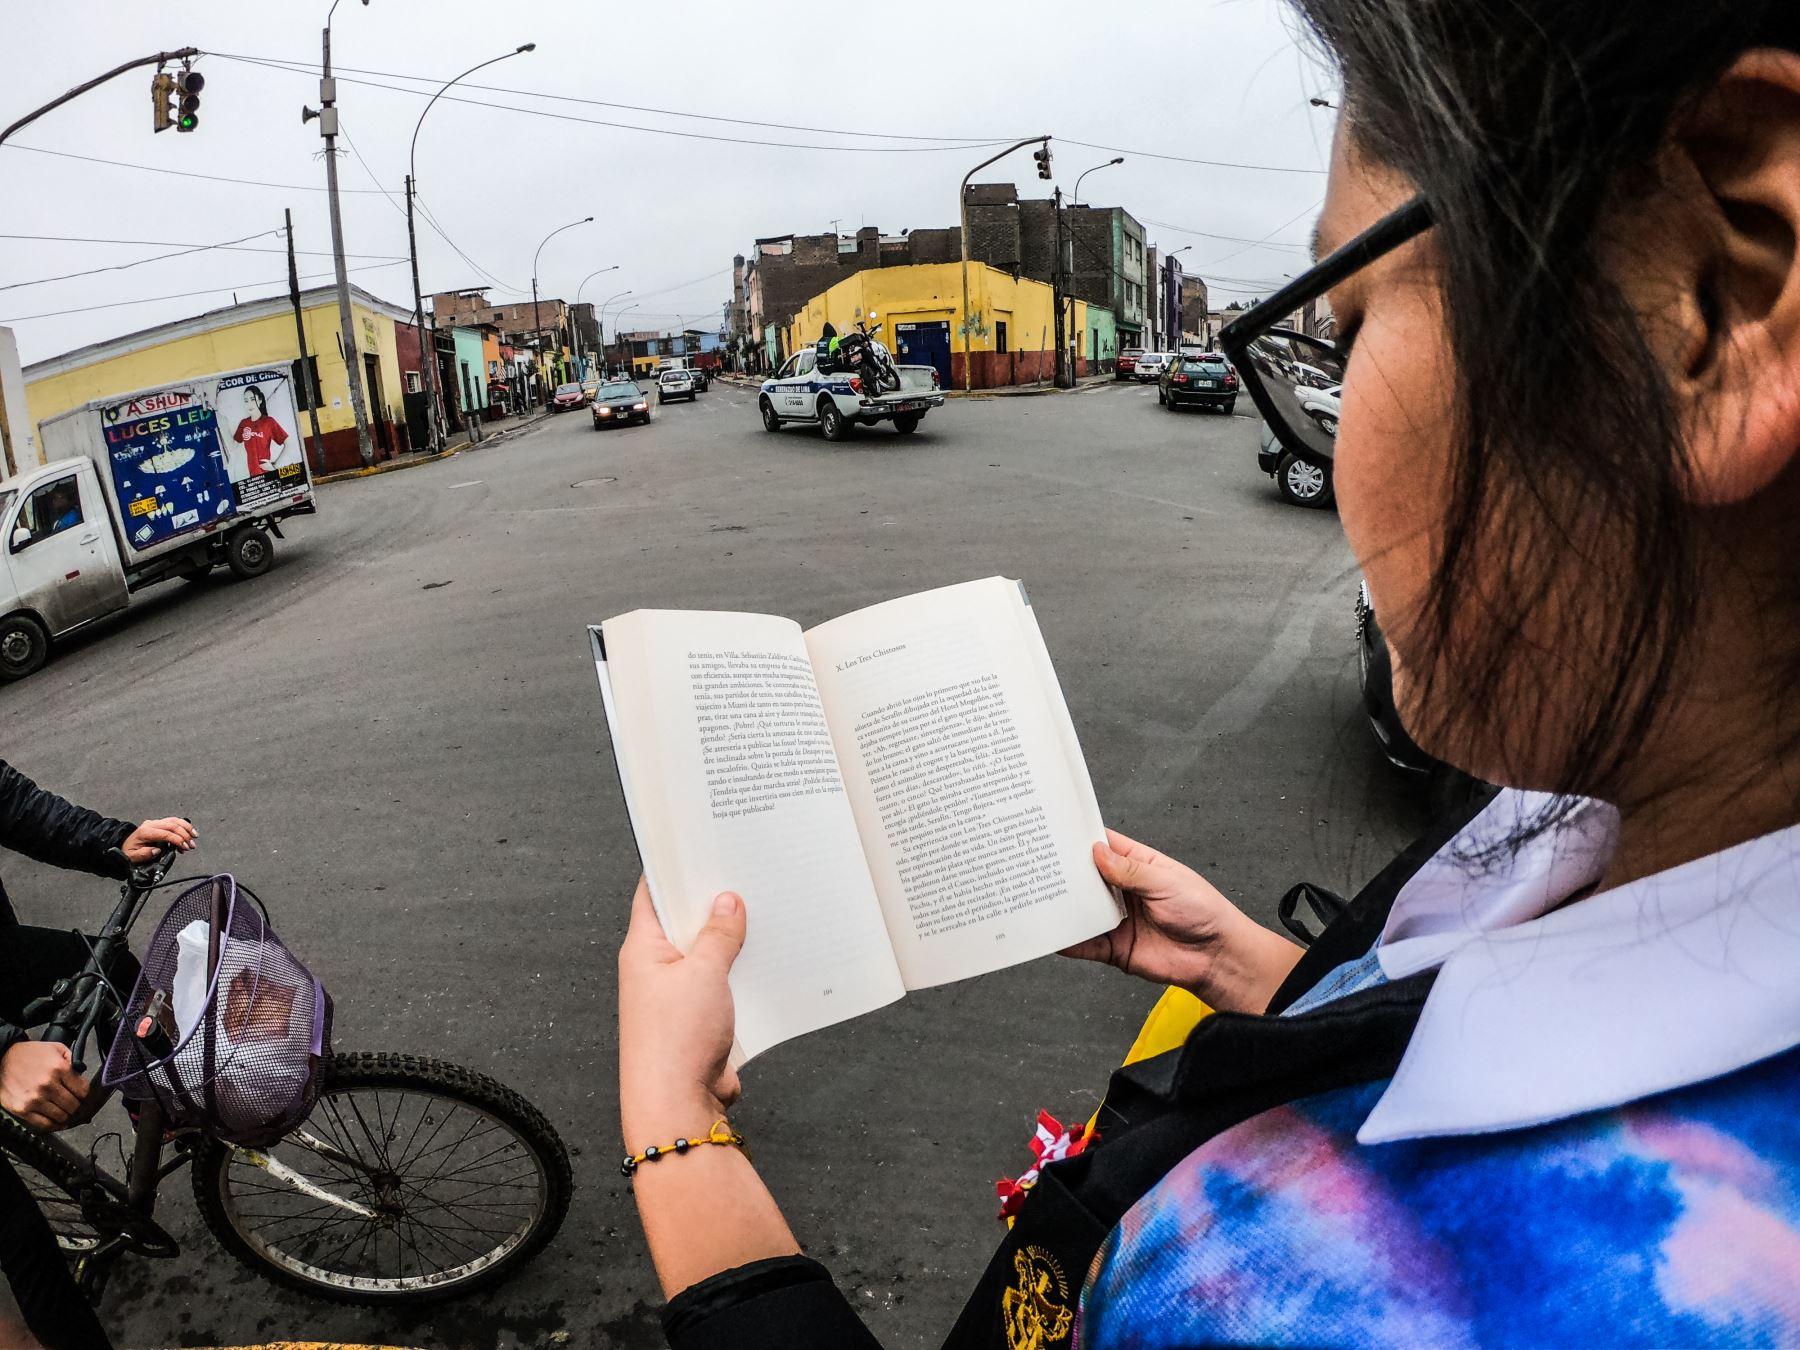 Una niña sostiene el libro cinco Esquinas de Mario Vargas Llosa, Cinco Esquinas, Barrios Altos ANDINA/ José Sotomayor